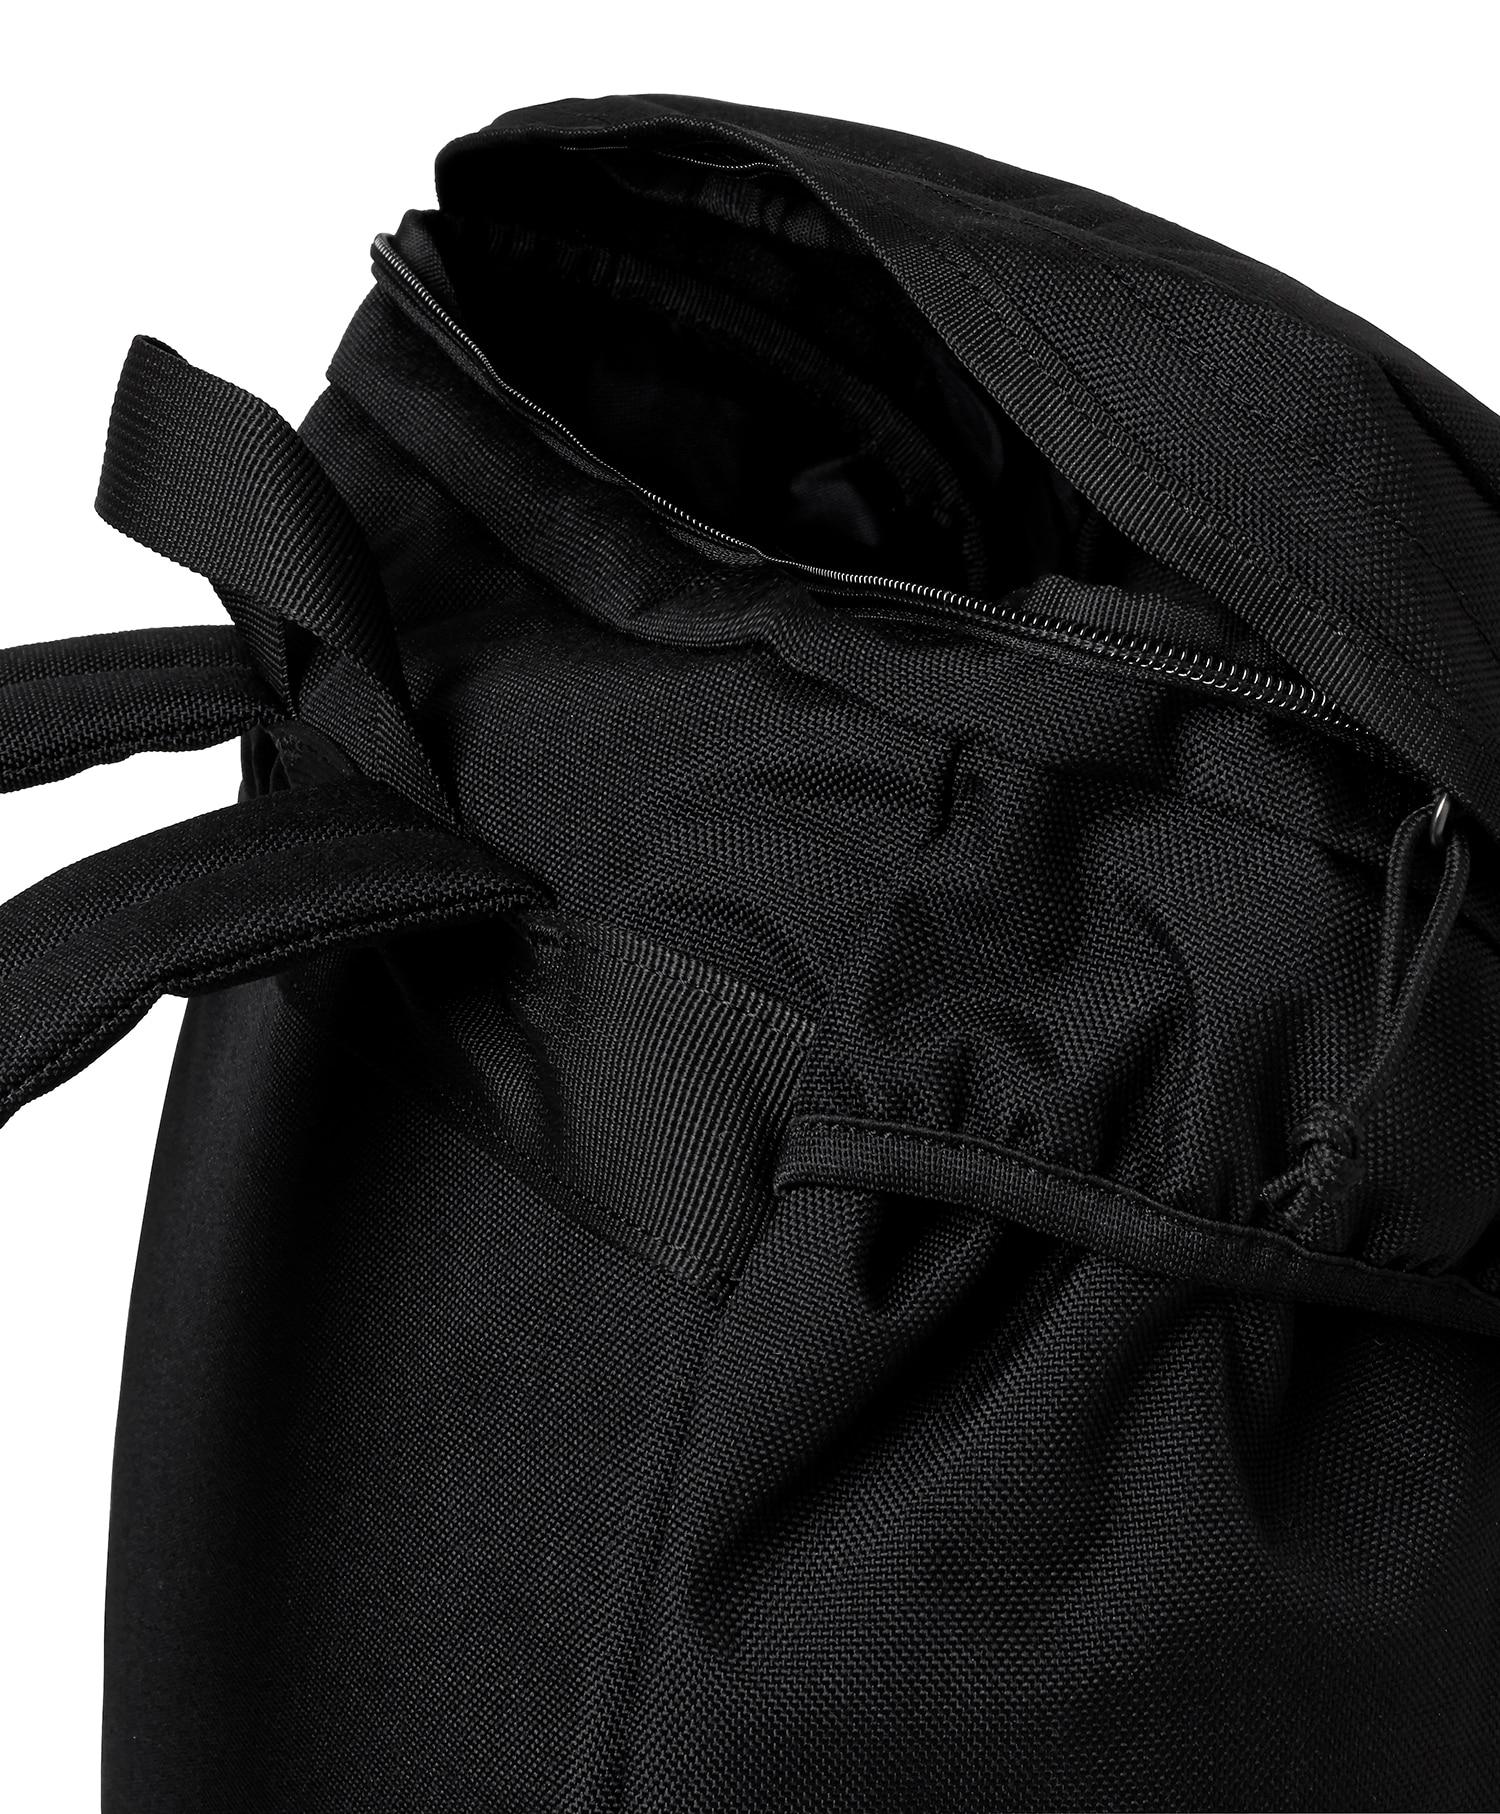 Helly Hansen Heritage Backpack V1